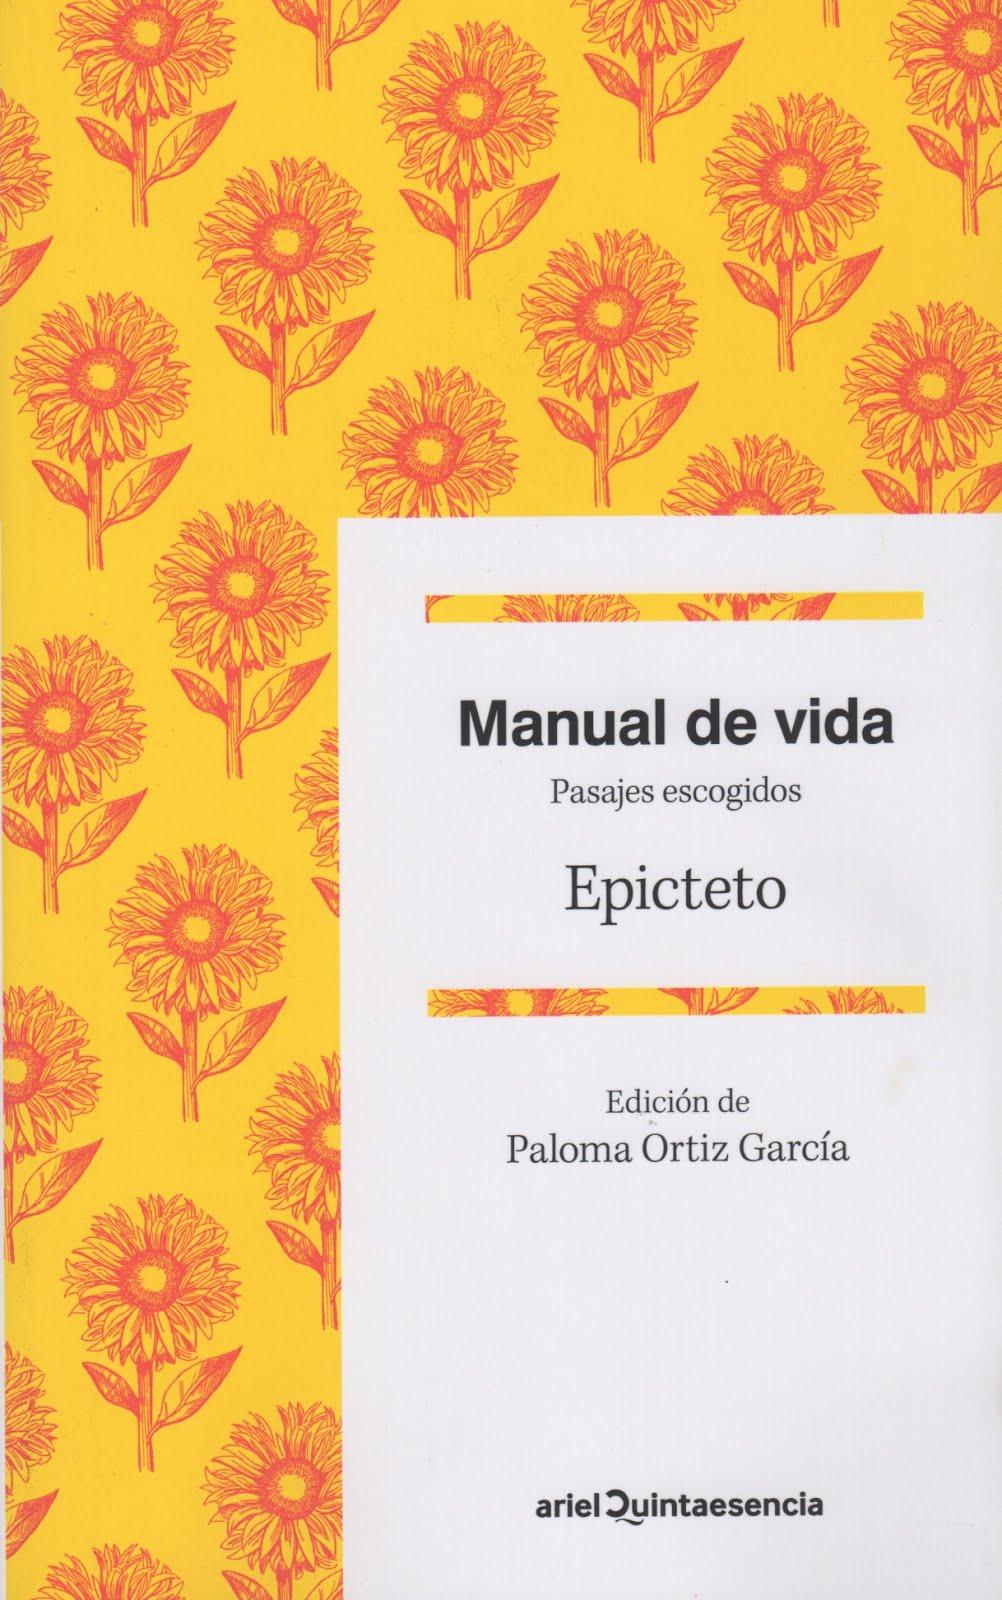 Epicteto (Manual de vida) Pasajes escogidos